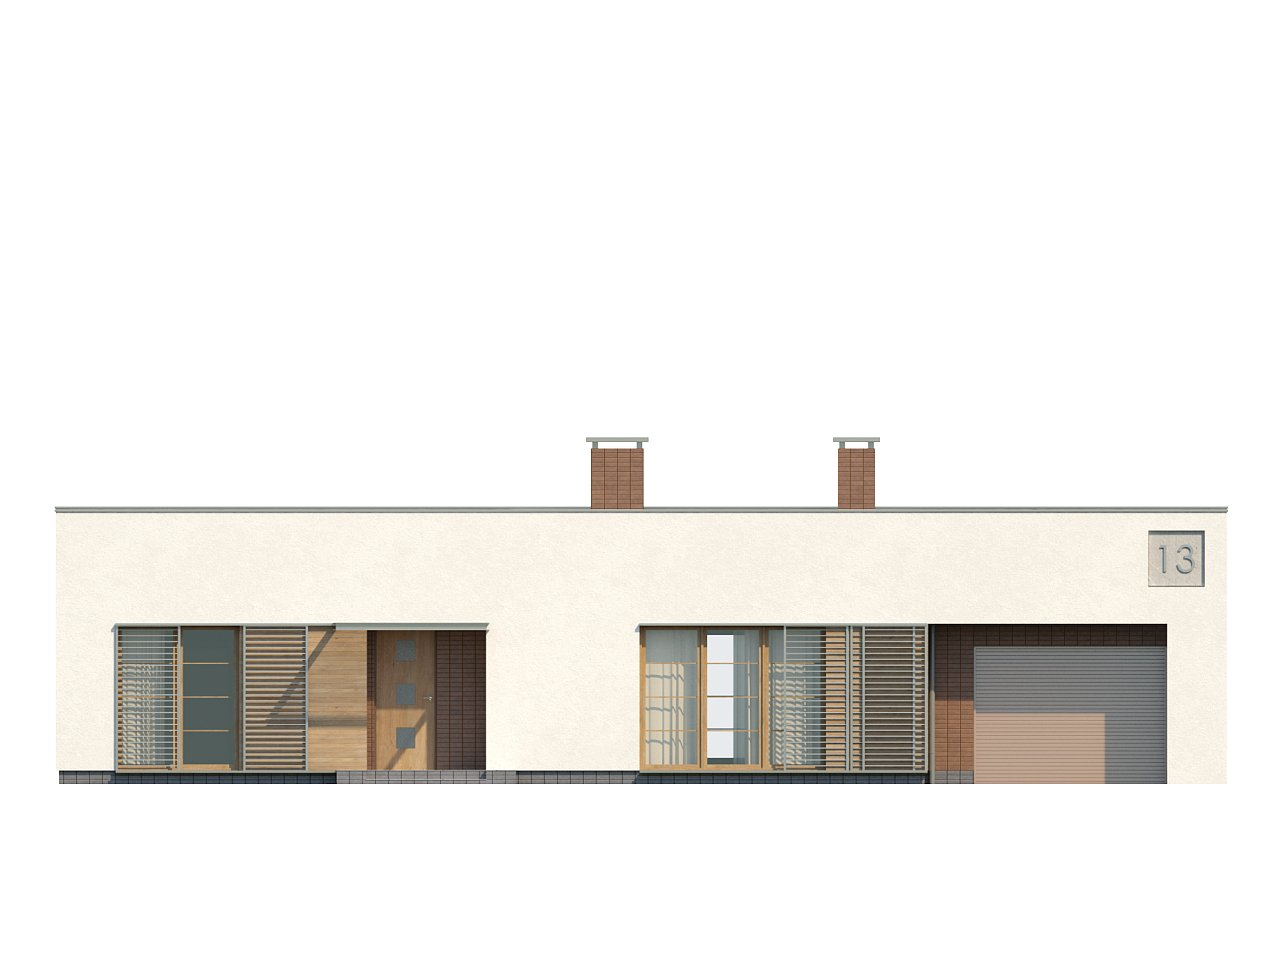 Одноэтажный дом с плоской крышей, со светлым функциональным интерьером и гаражом. 7